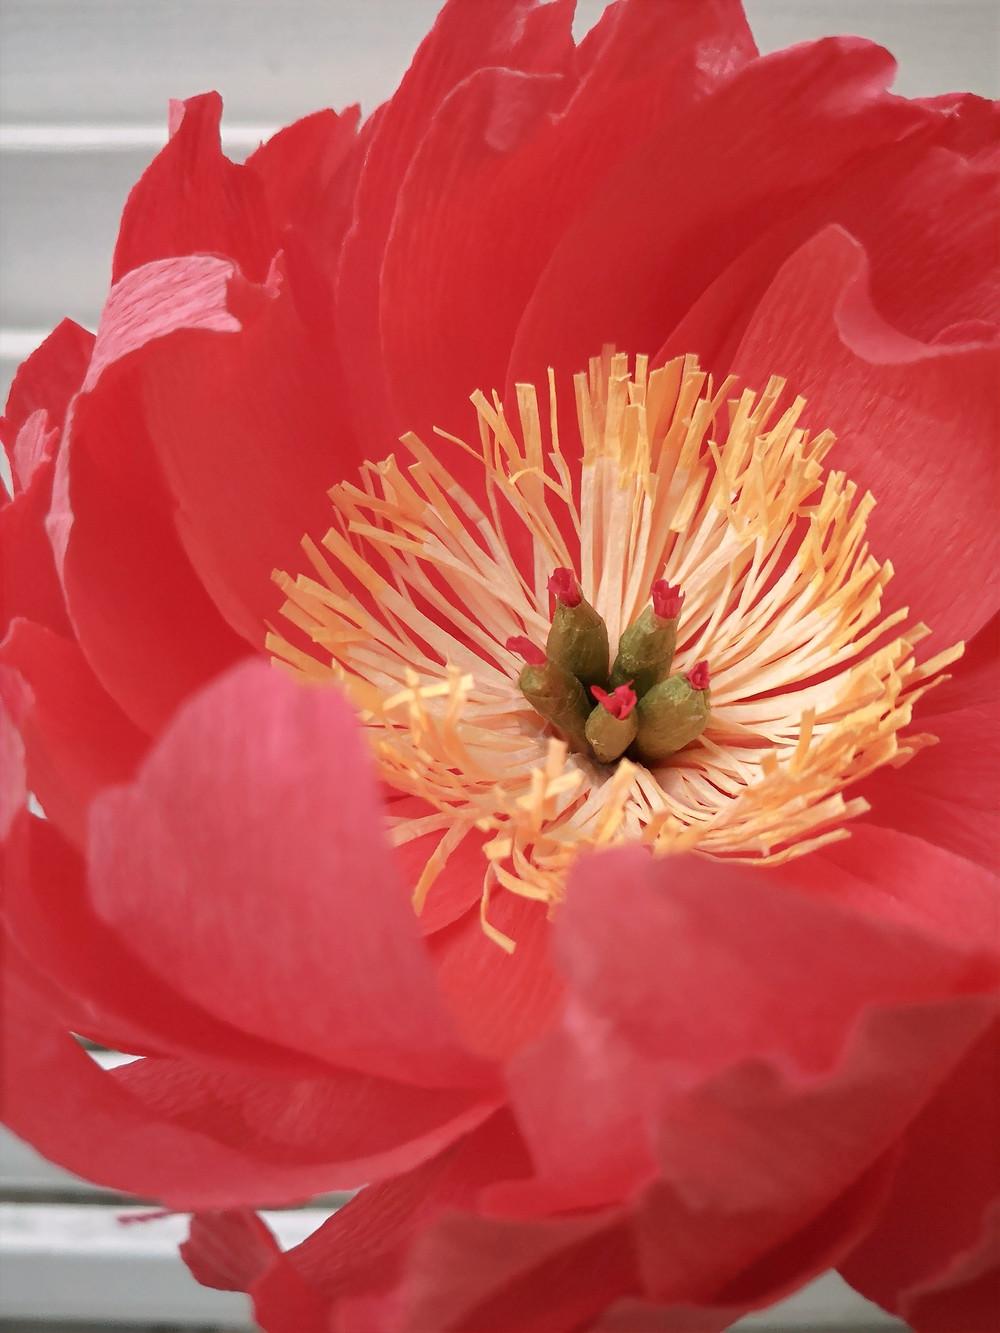 Focus sur un coeur de pivoine fait main en papier. La fleur est rouge vif et contraste avec le coeur blanc/crème et ses étamines vertes.